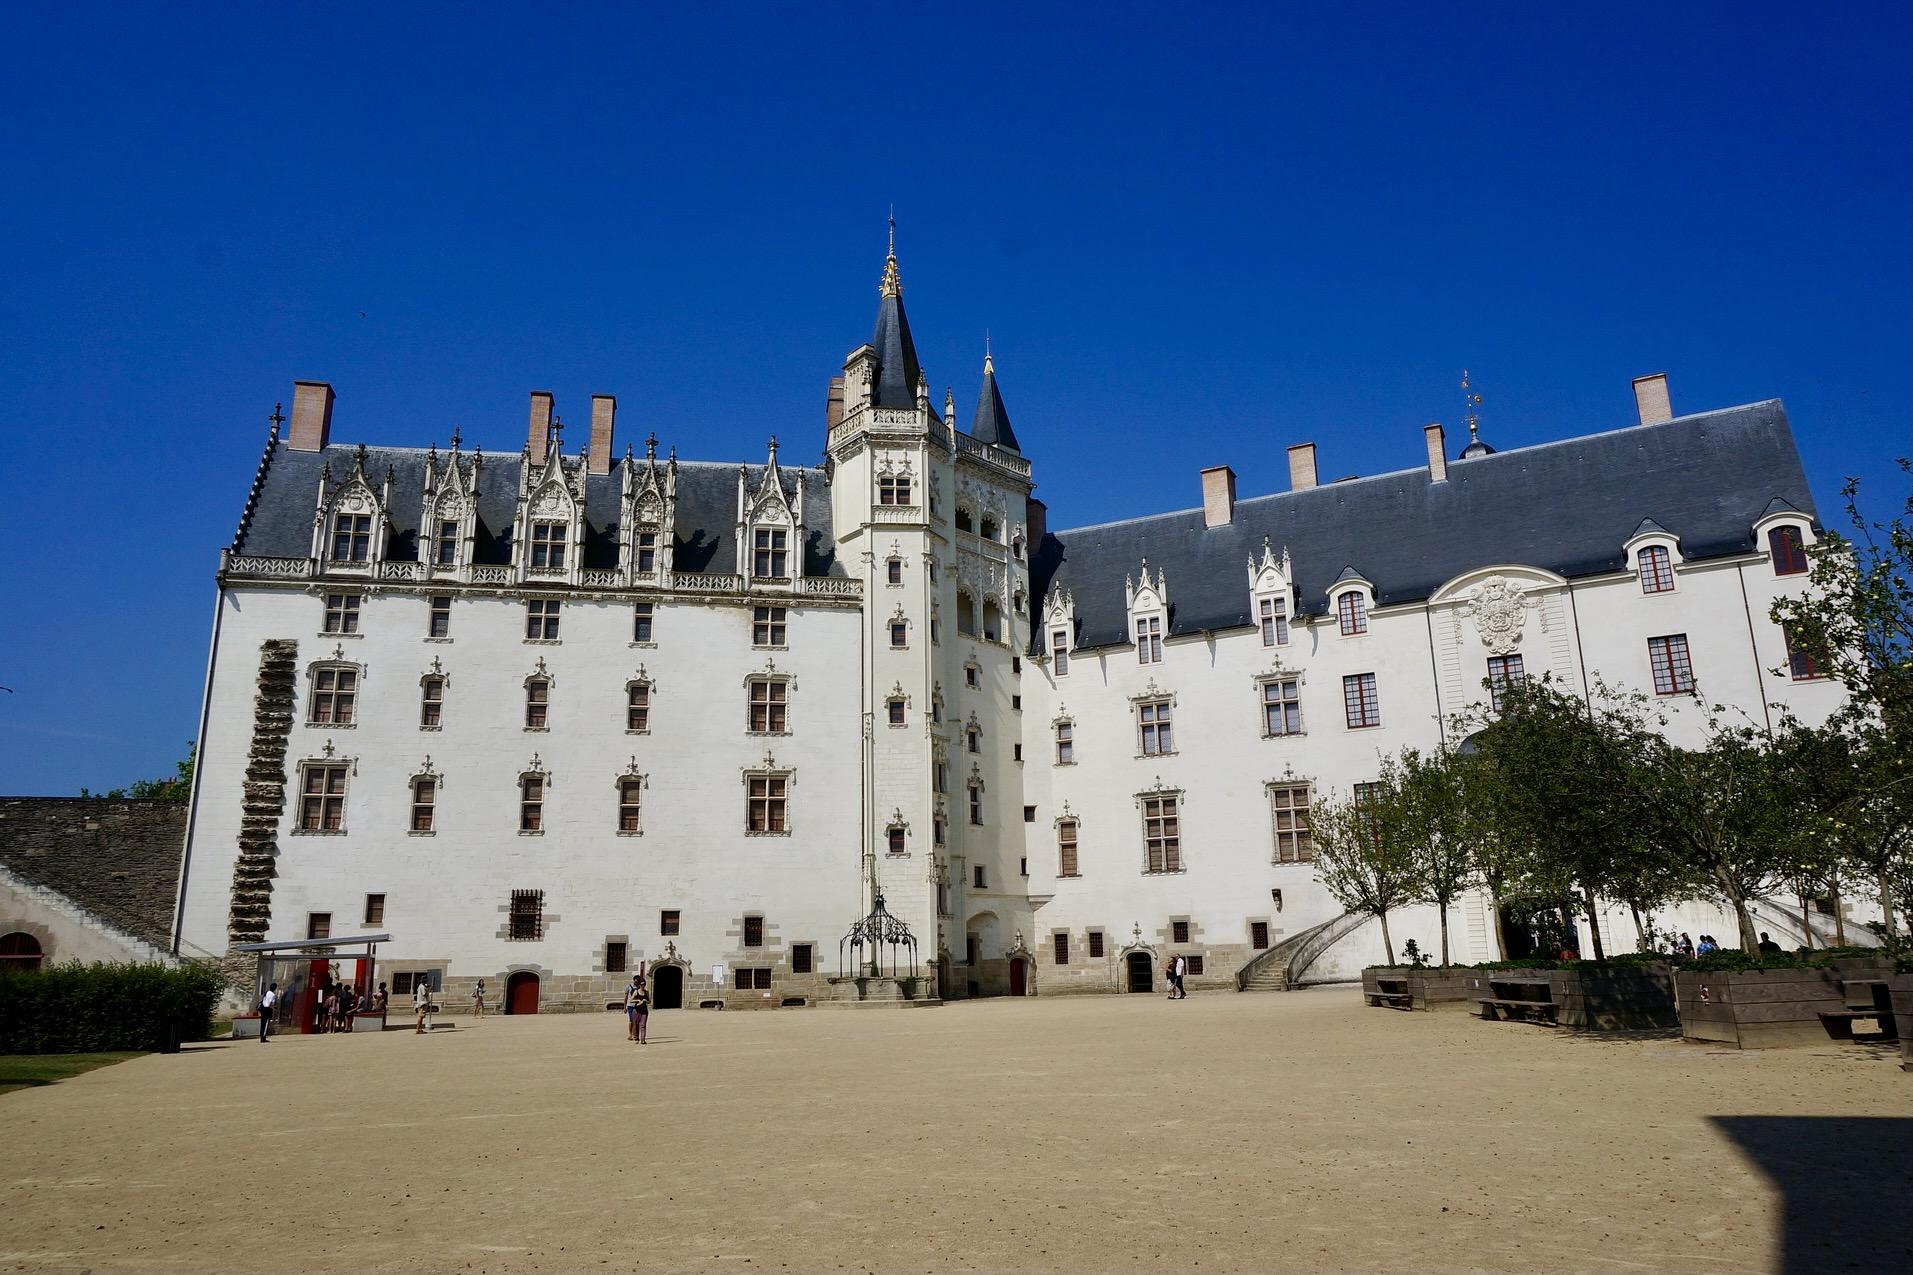 Chateau des Ducs: eine der wichtigsten Nantes Sehenswürdigkeiten